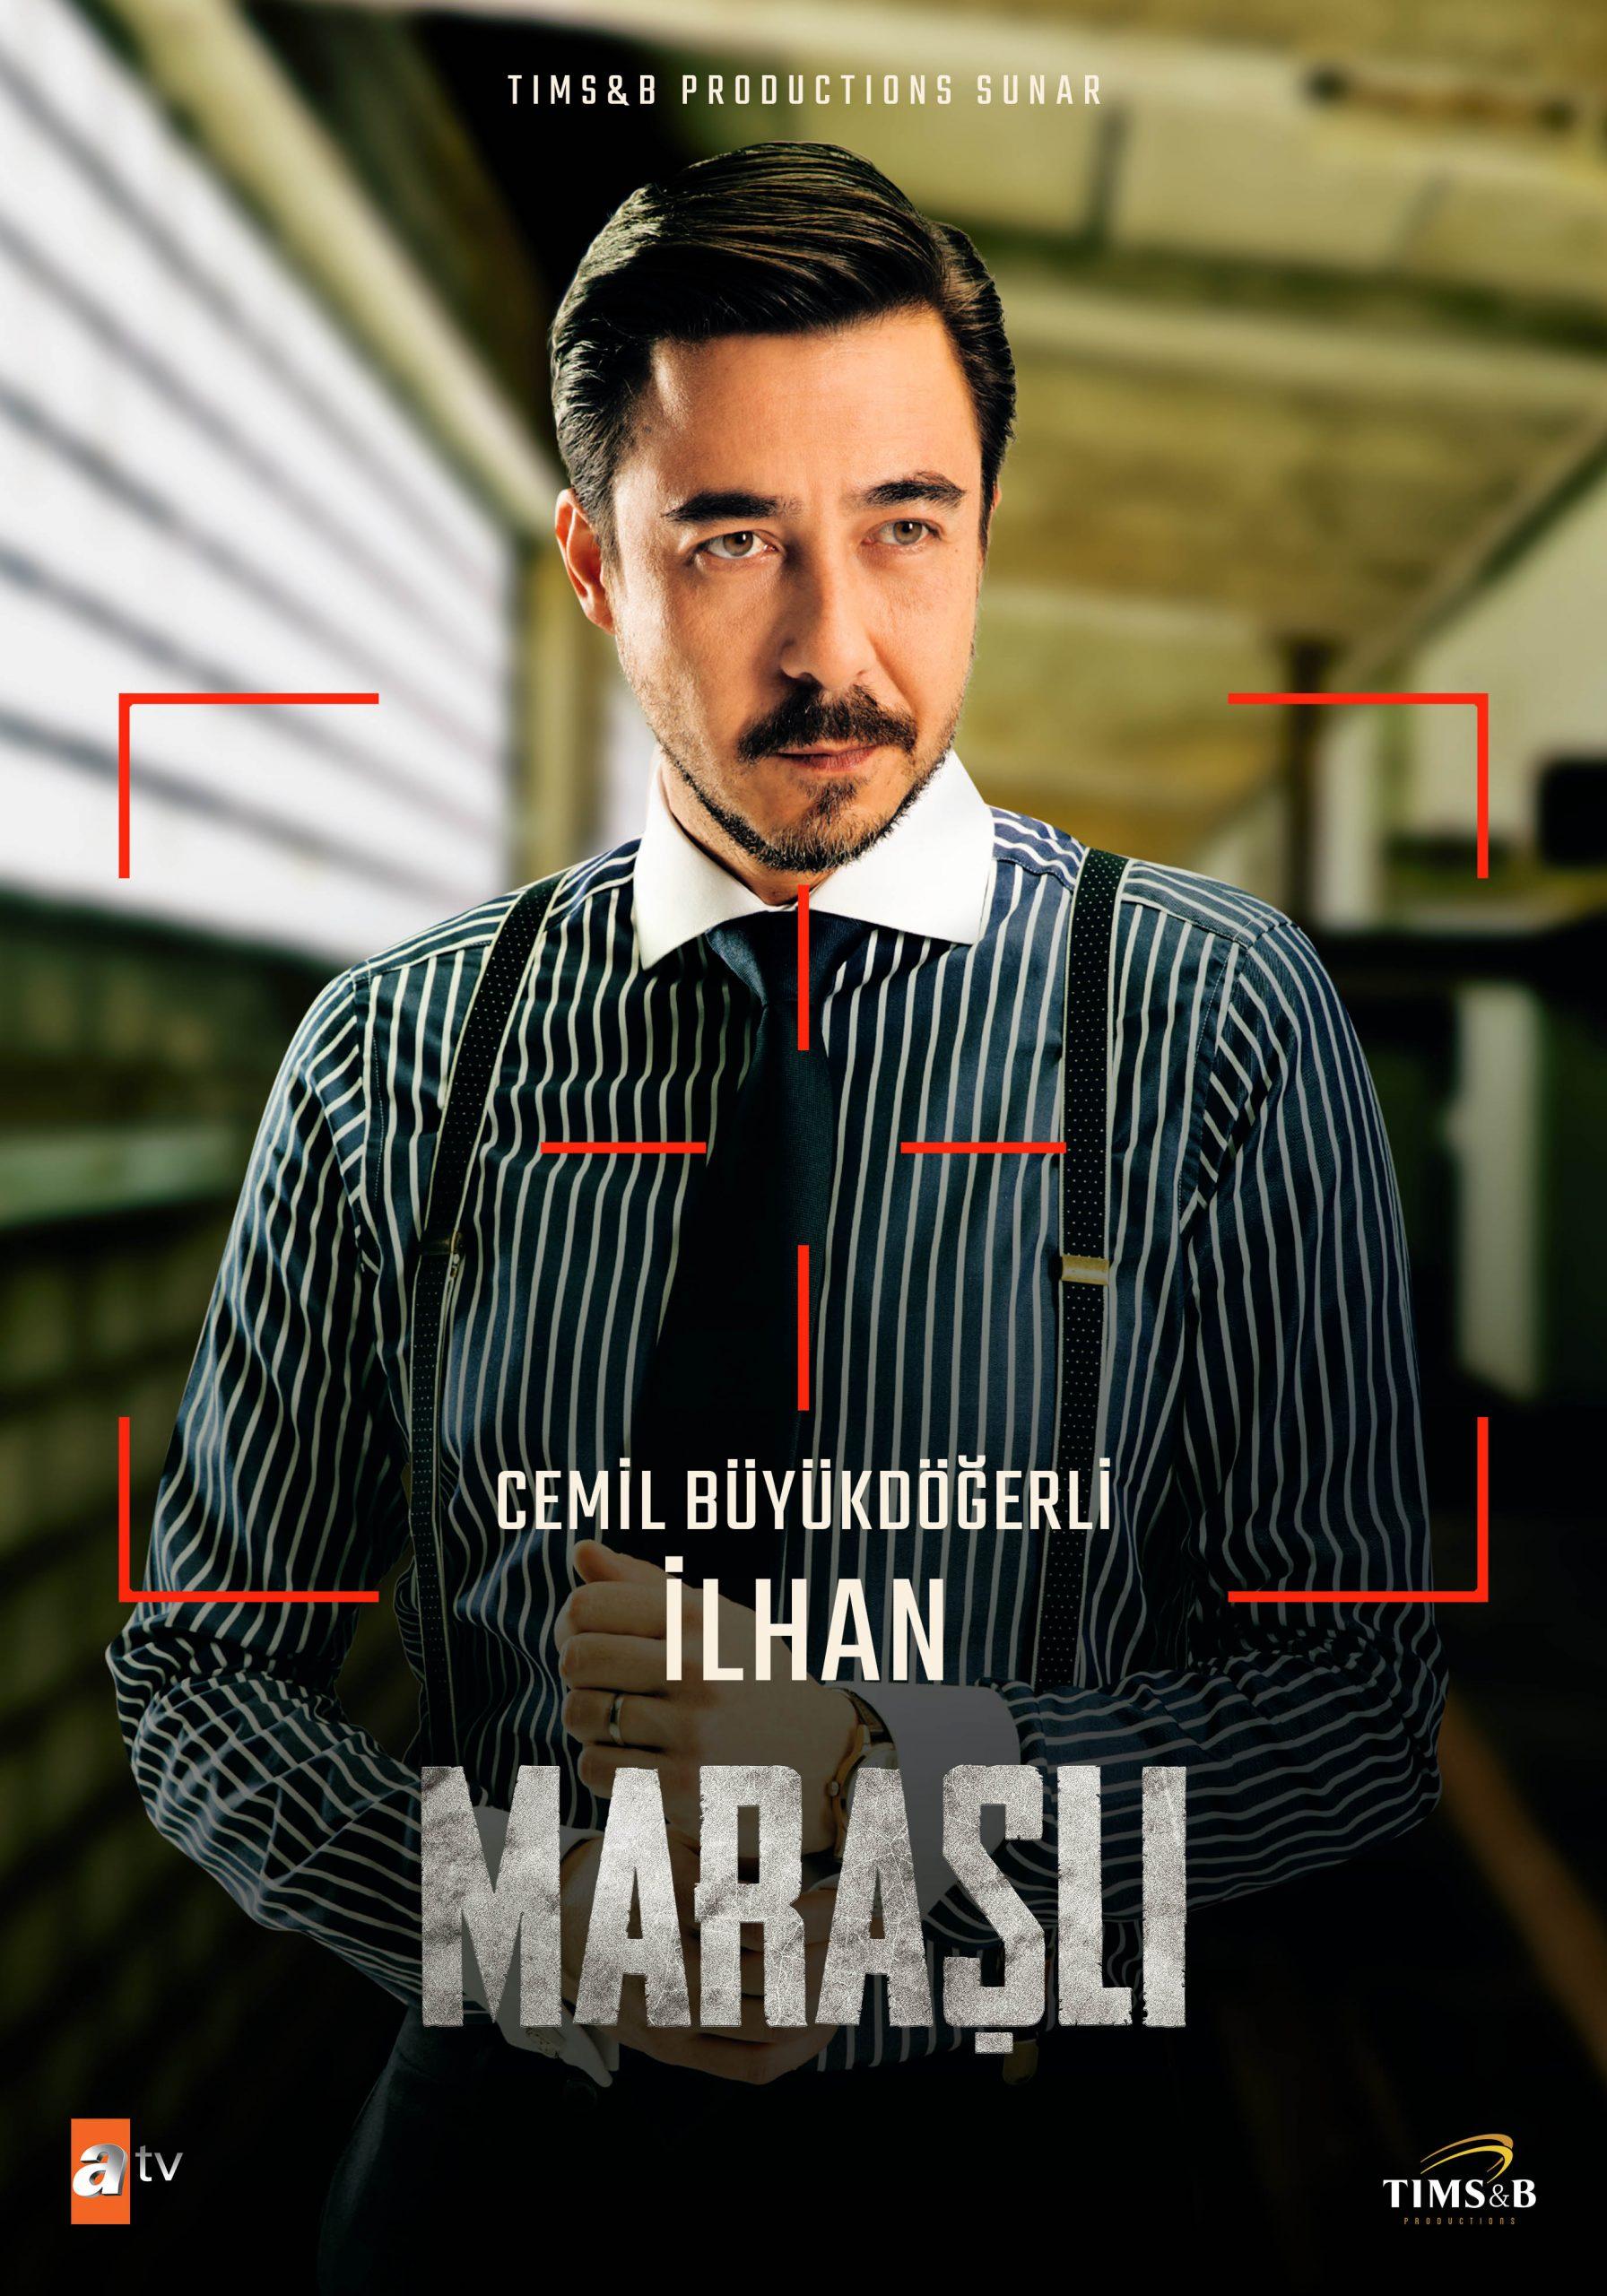 MARASLI_K_ILHAN_M-scaled